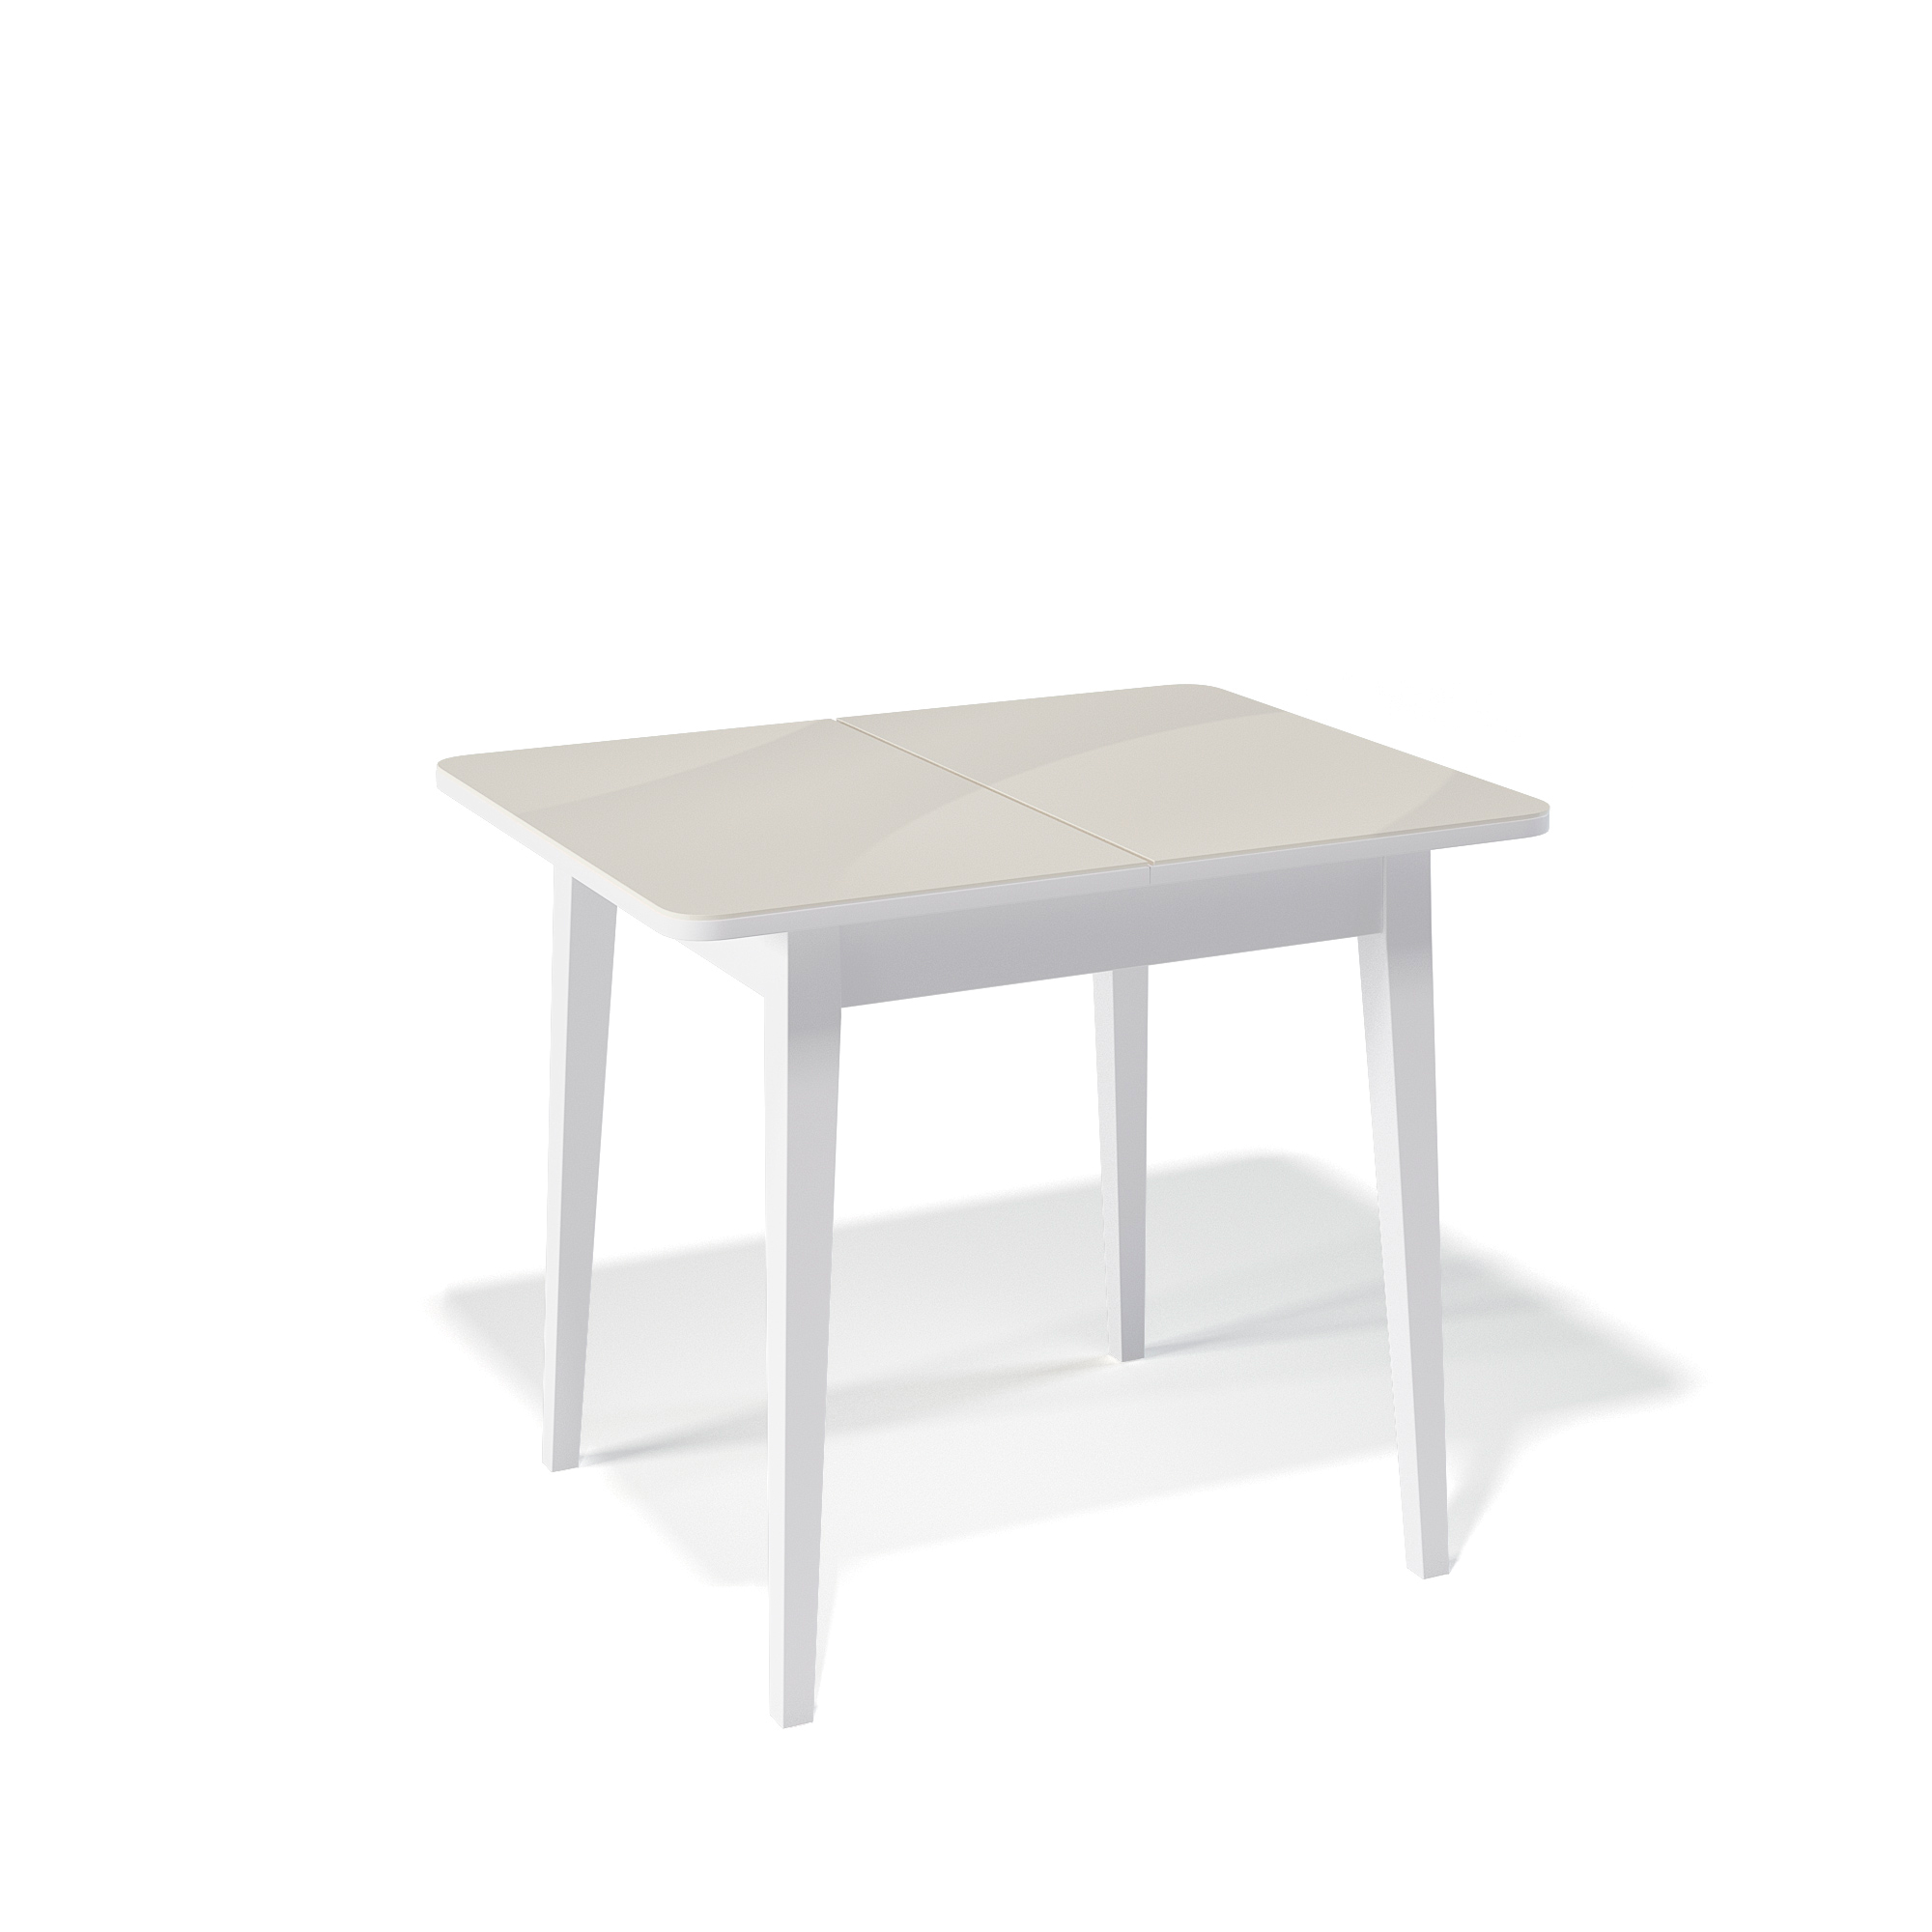 Стол Kenner 900M обеденный, раздвижной, стеклянный, белый - кремовый глянцевый